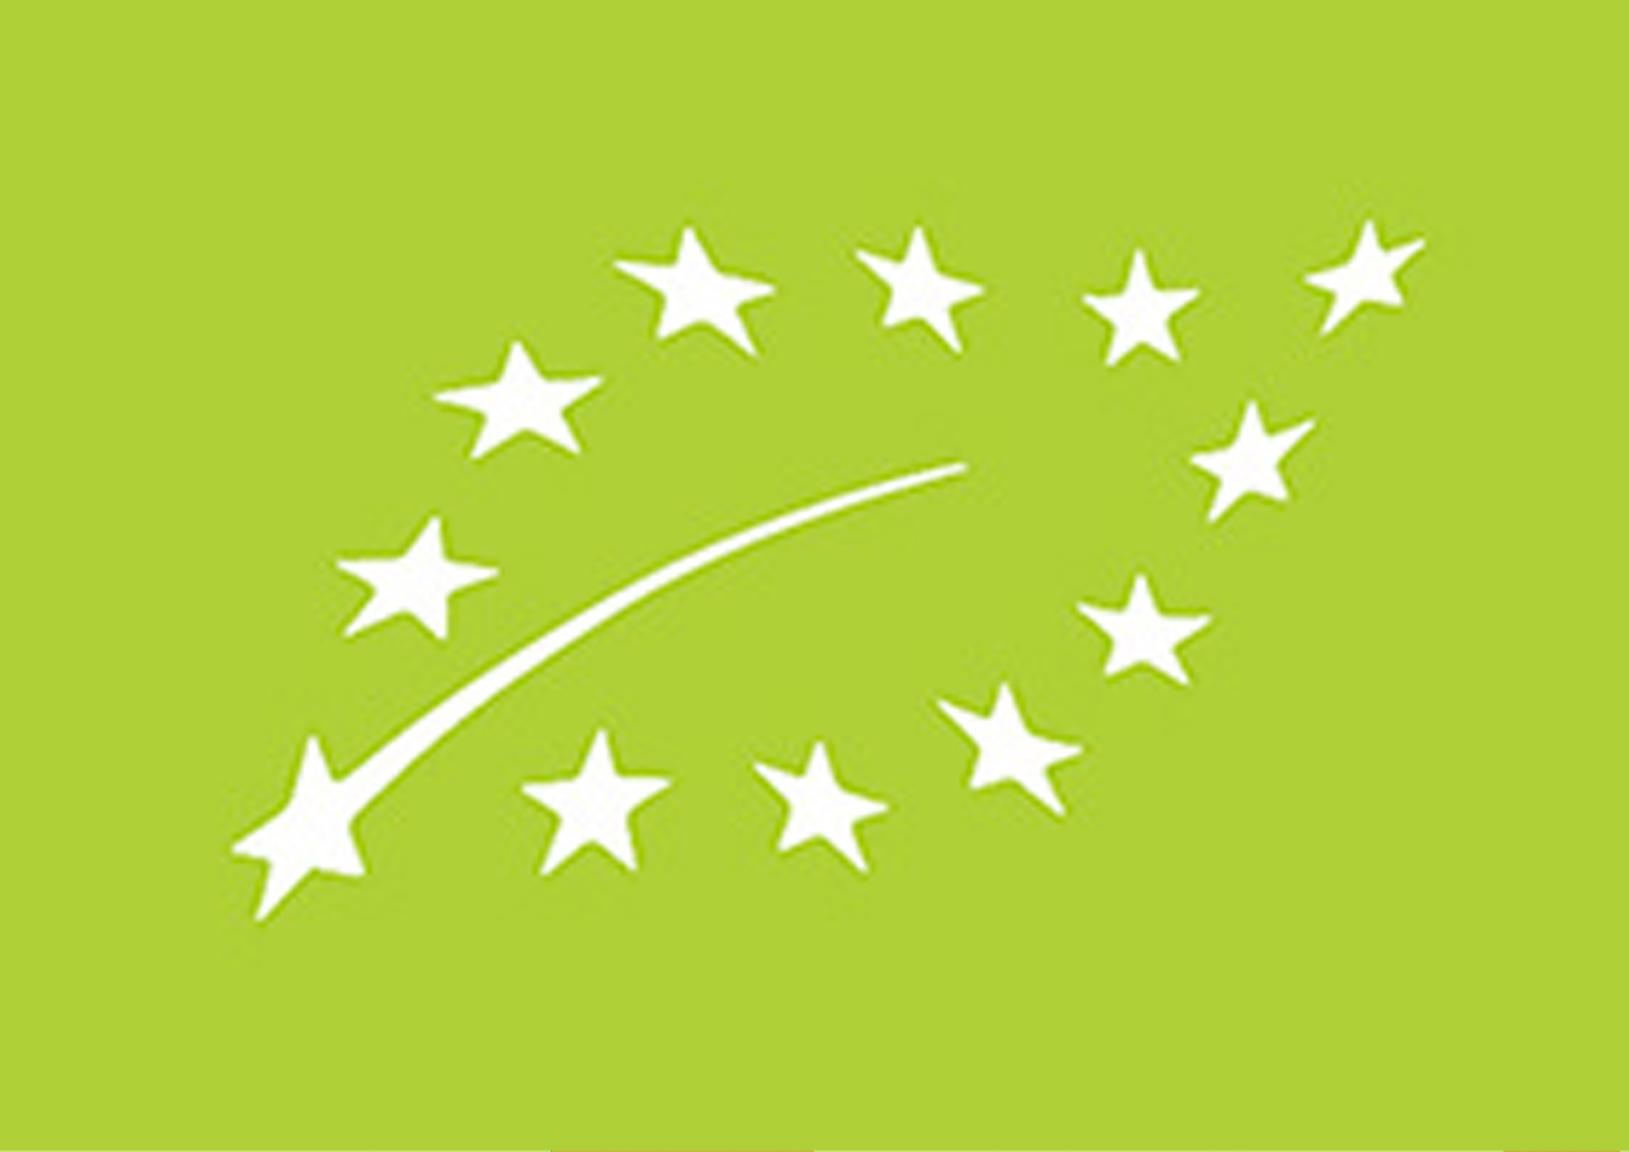 DE-ÖKO-EU_Landwirtschaft.jpg